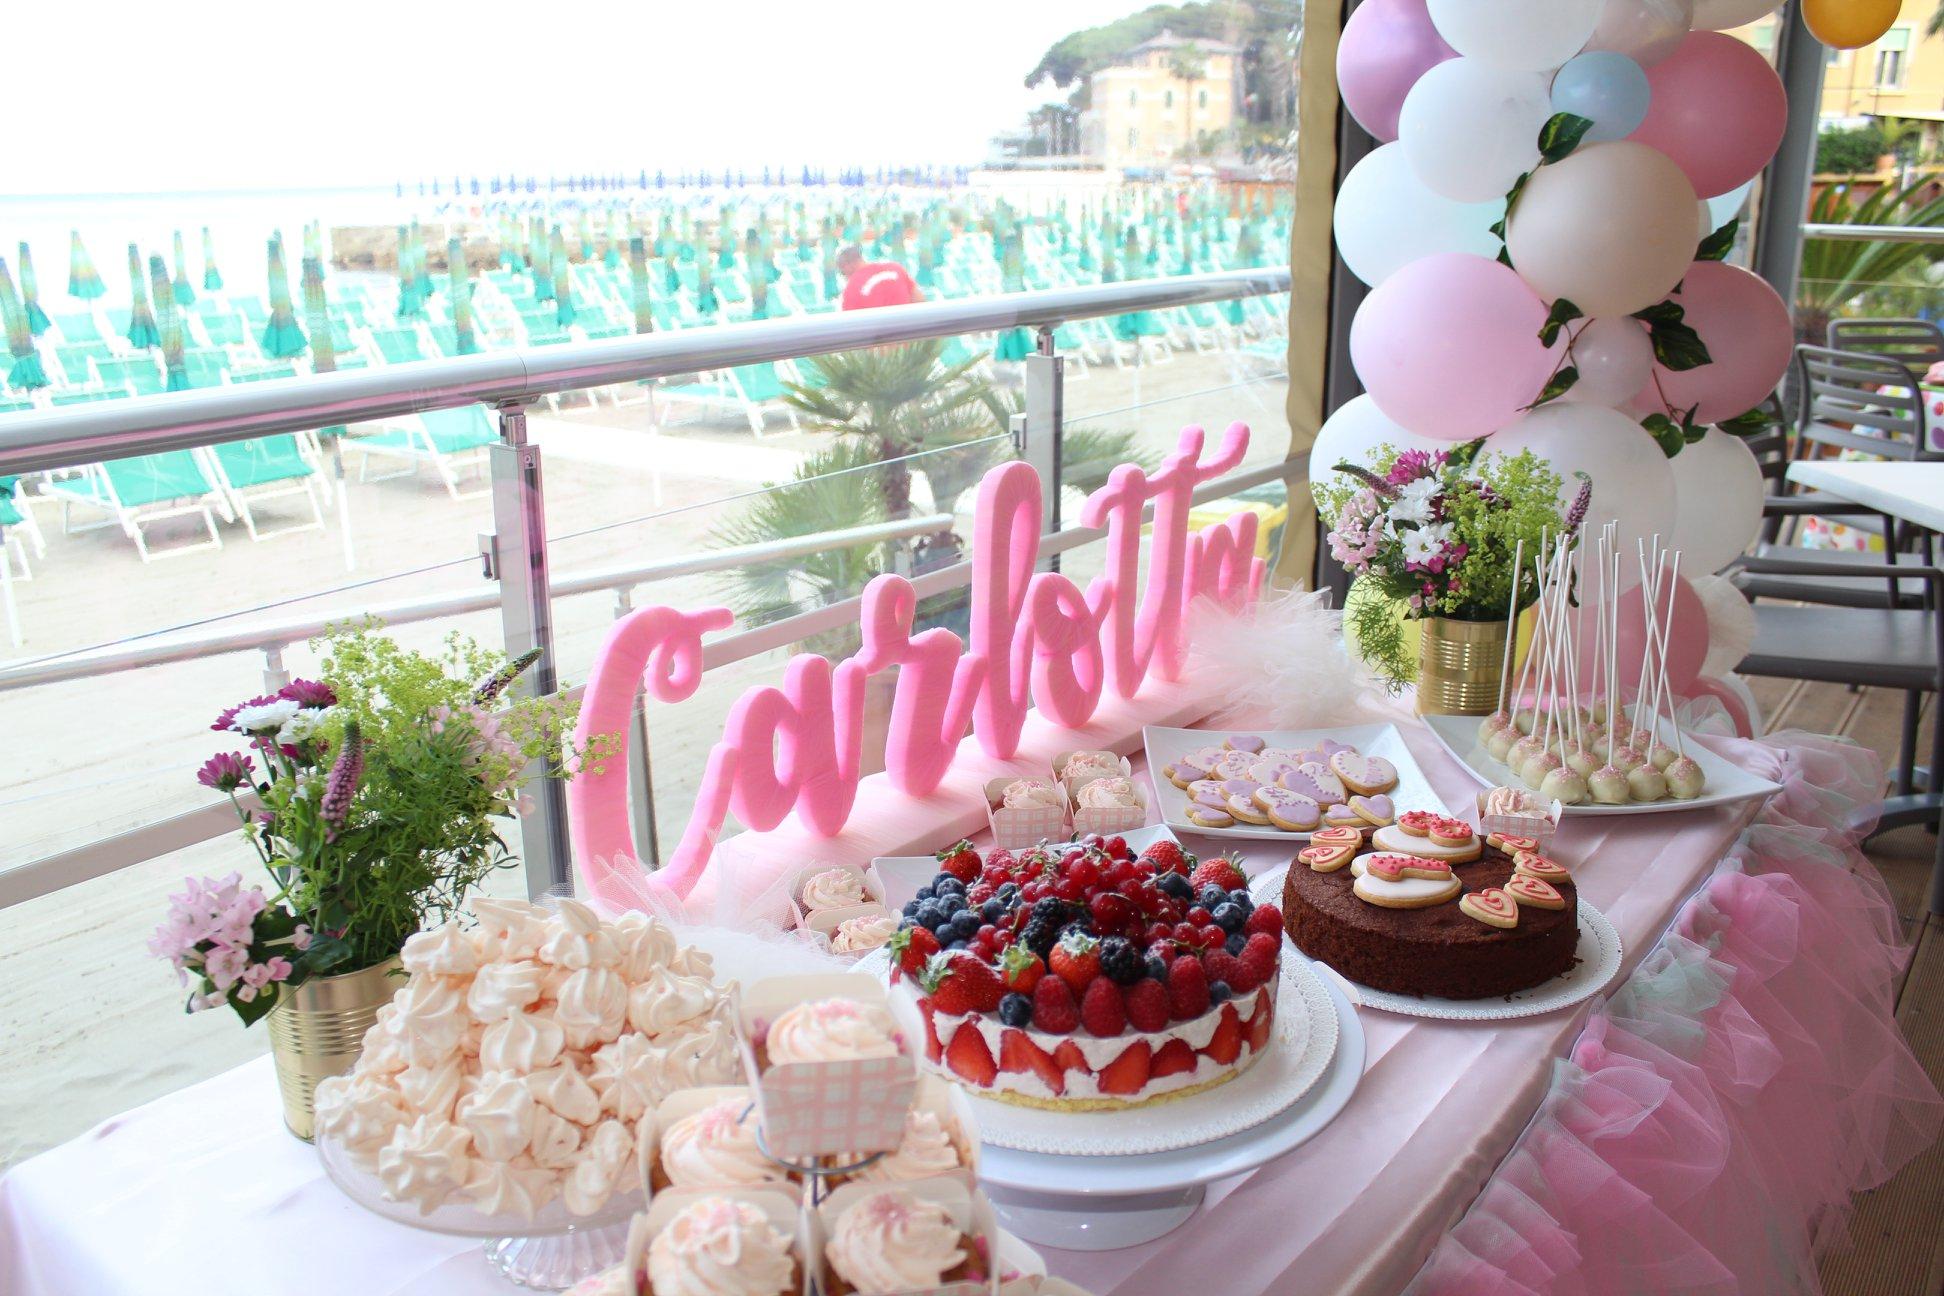 Festa A Sorpresa Di Compleanno festa di compleanno al mare - eventi priati- wedding portofino